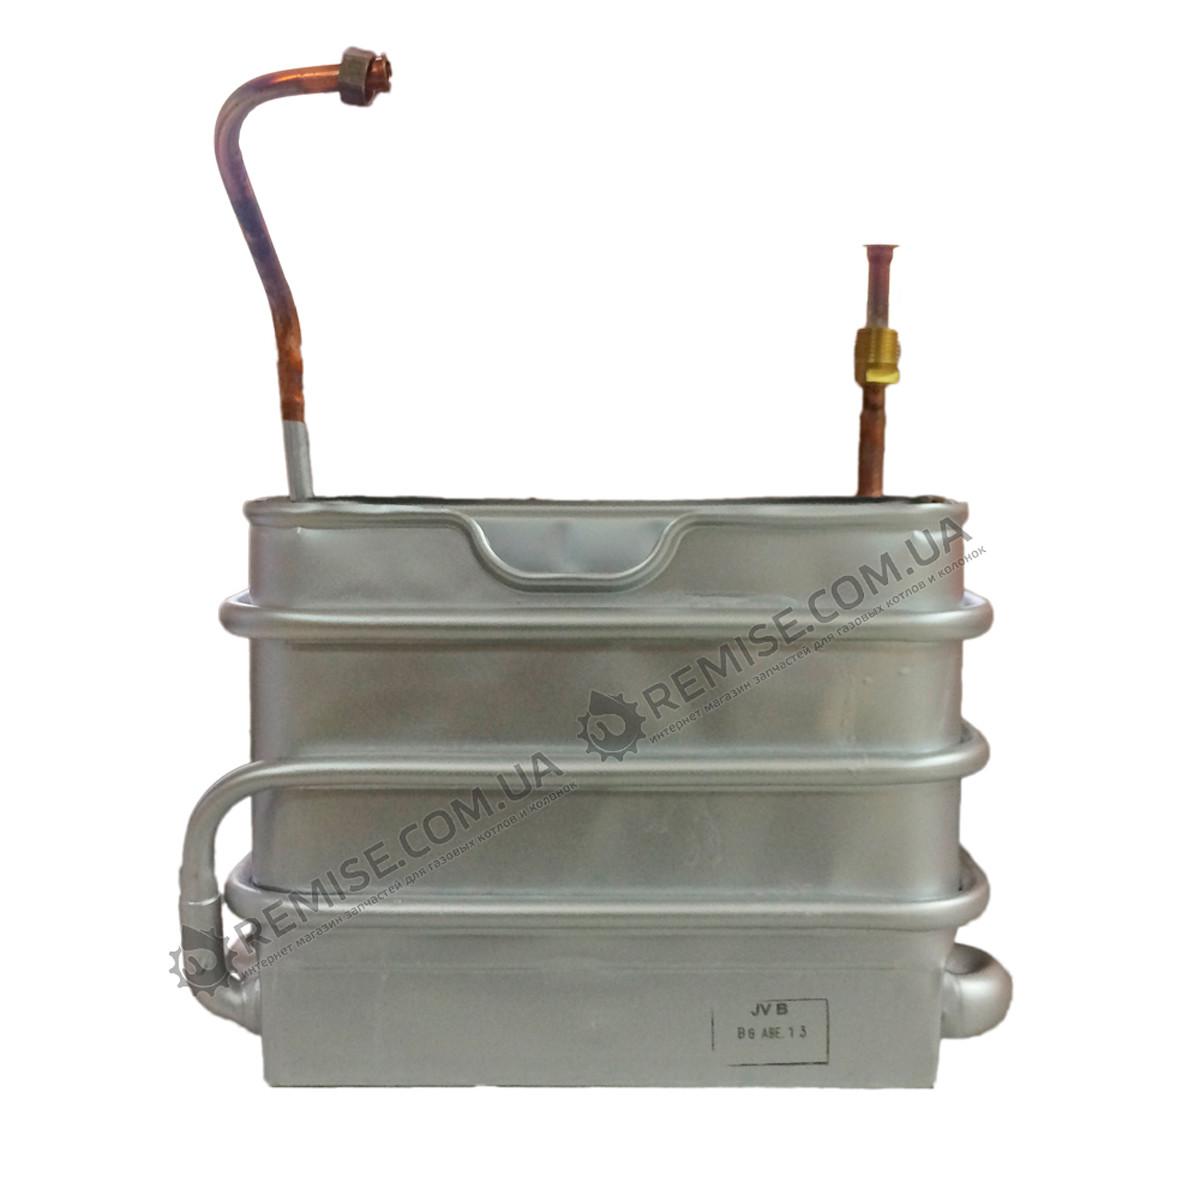 Теплообменник к газовой колонке vaillant Кожухотрубный испаритель Alfa Laval DXS 18 Салават